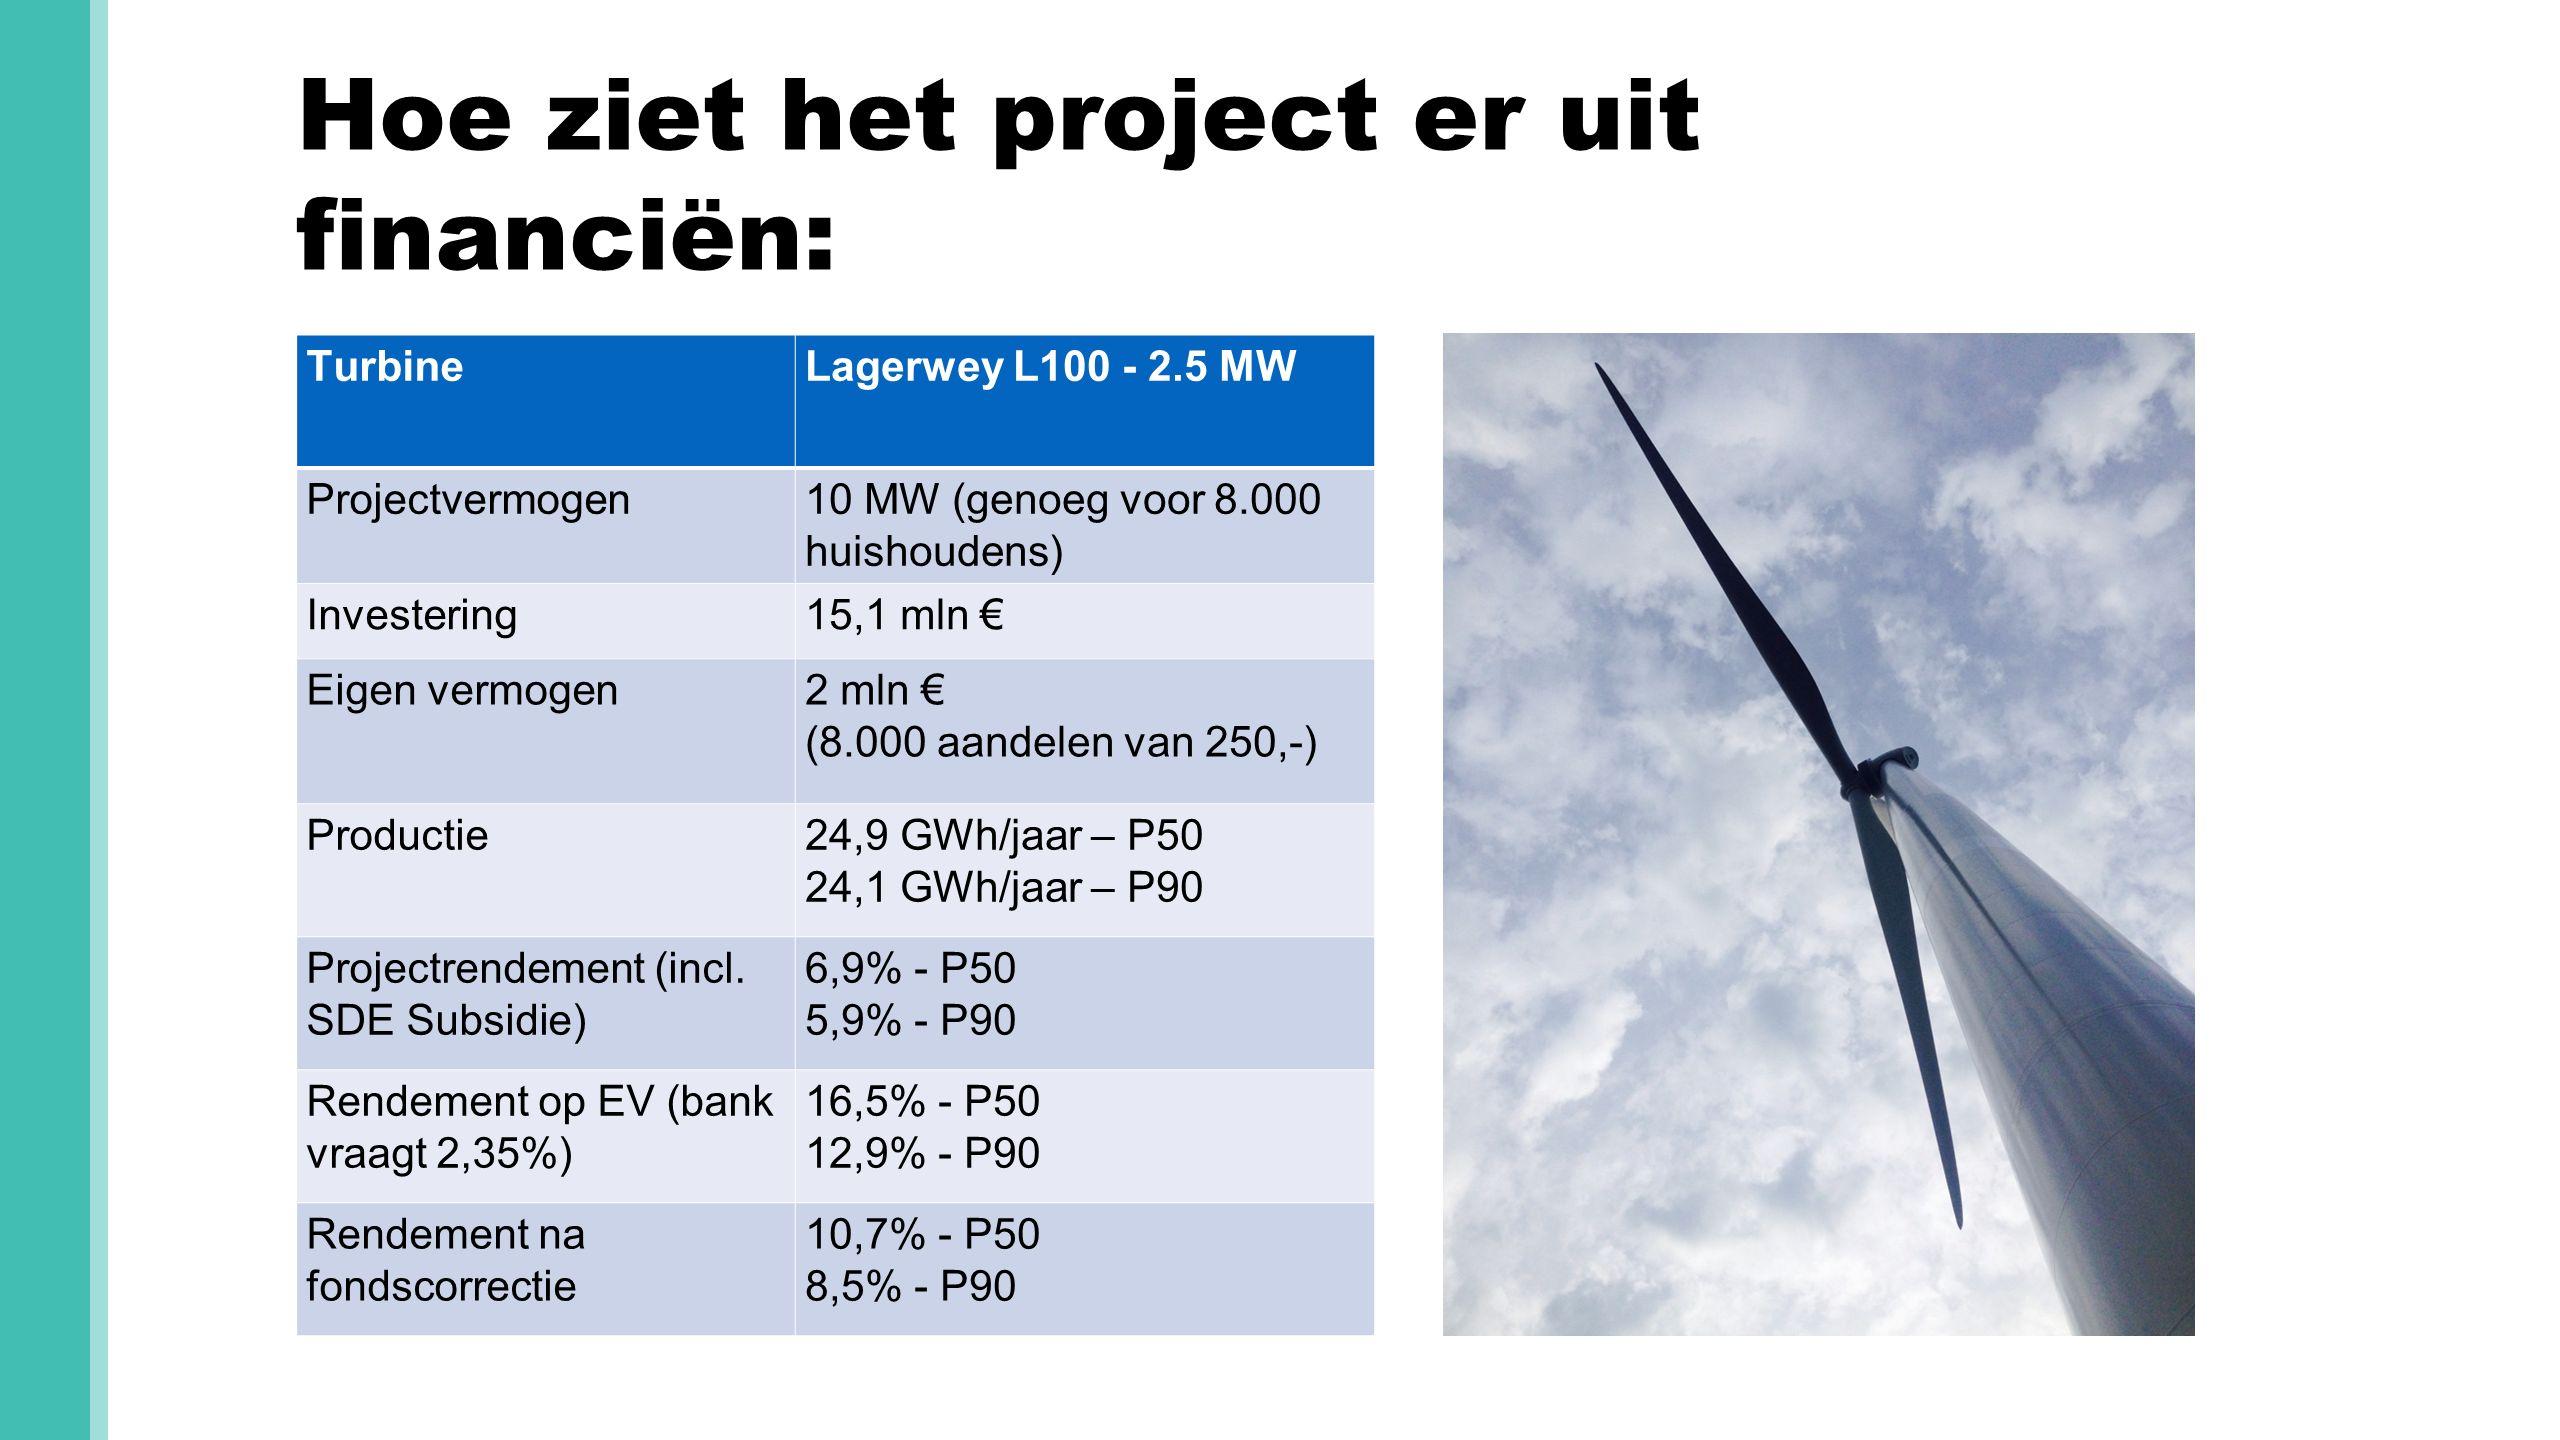 Hoe ziet het project er uit financiën: